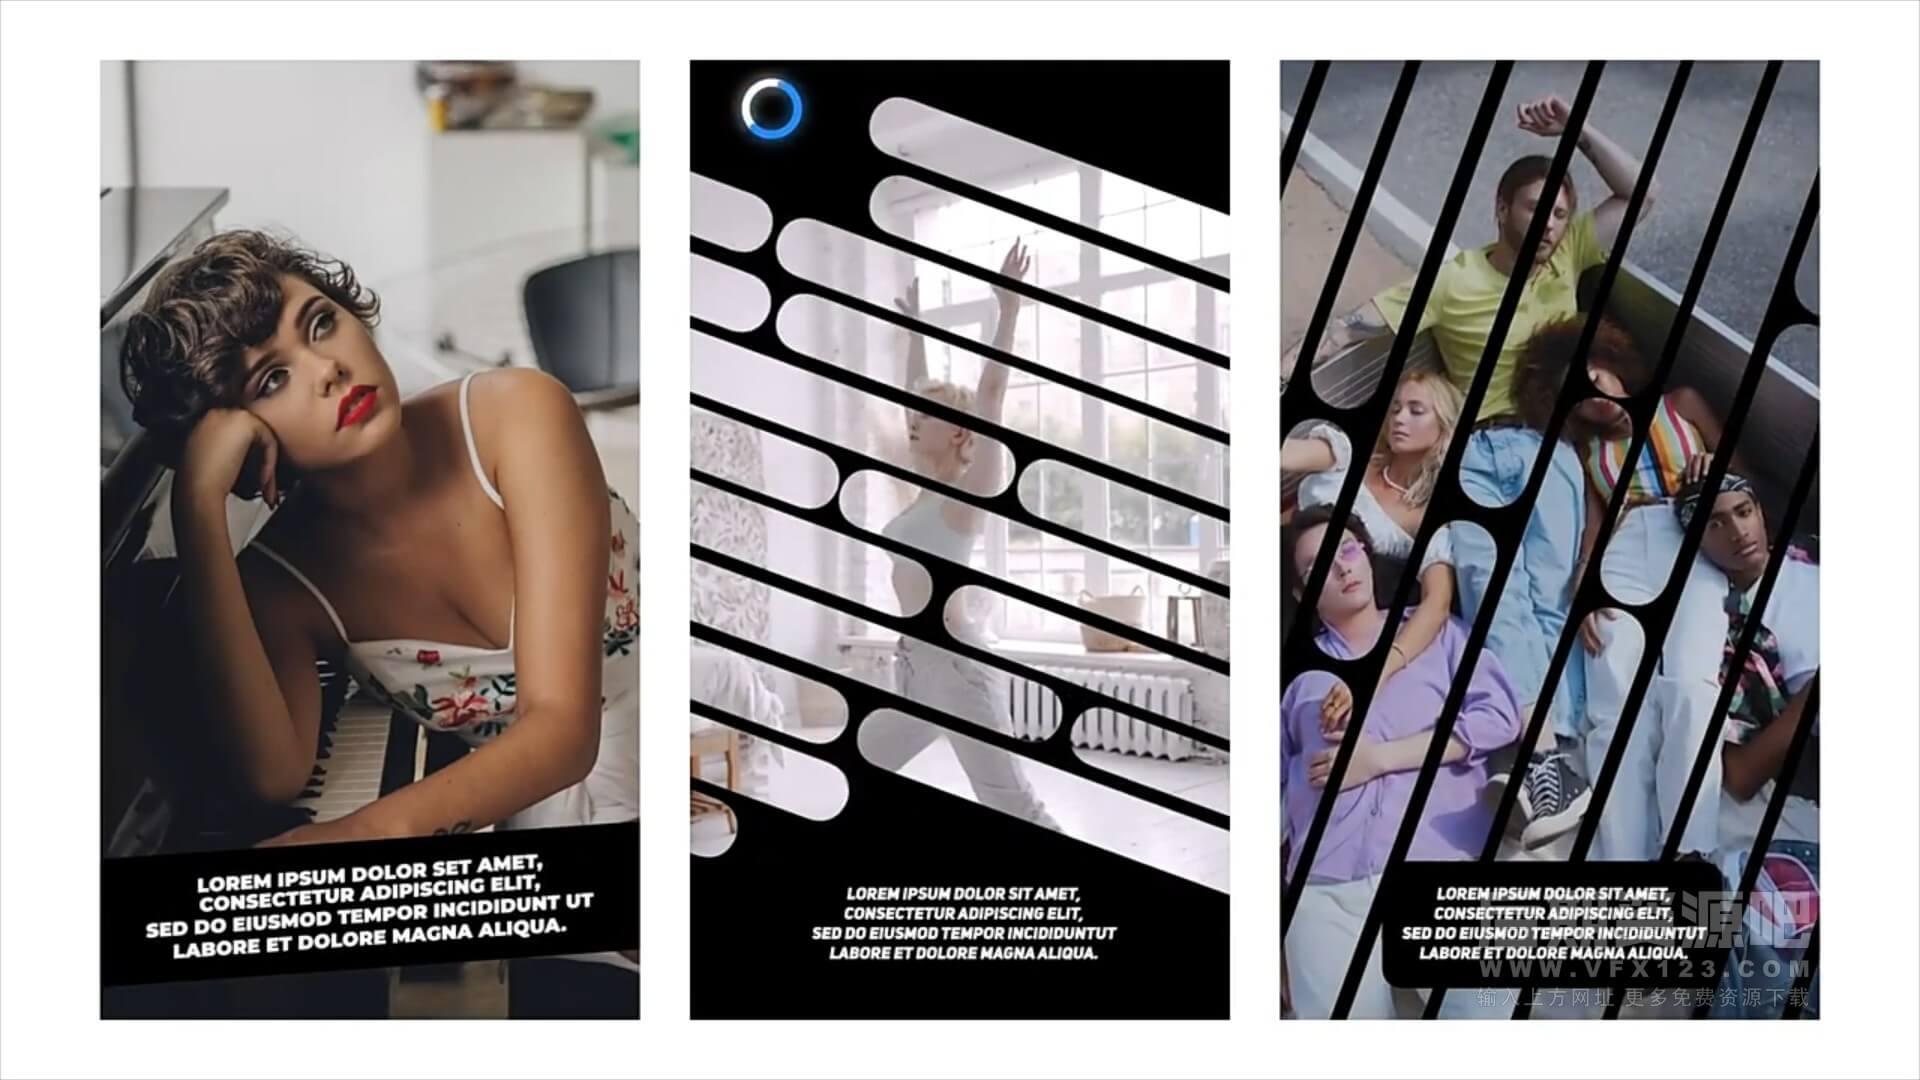 fcpx插件 21组短视频竖屏版式动画图文展示模板 Ins Stories